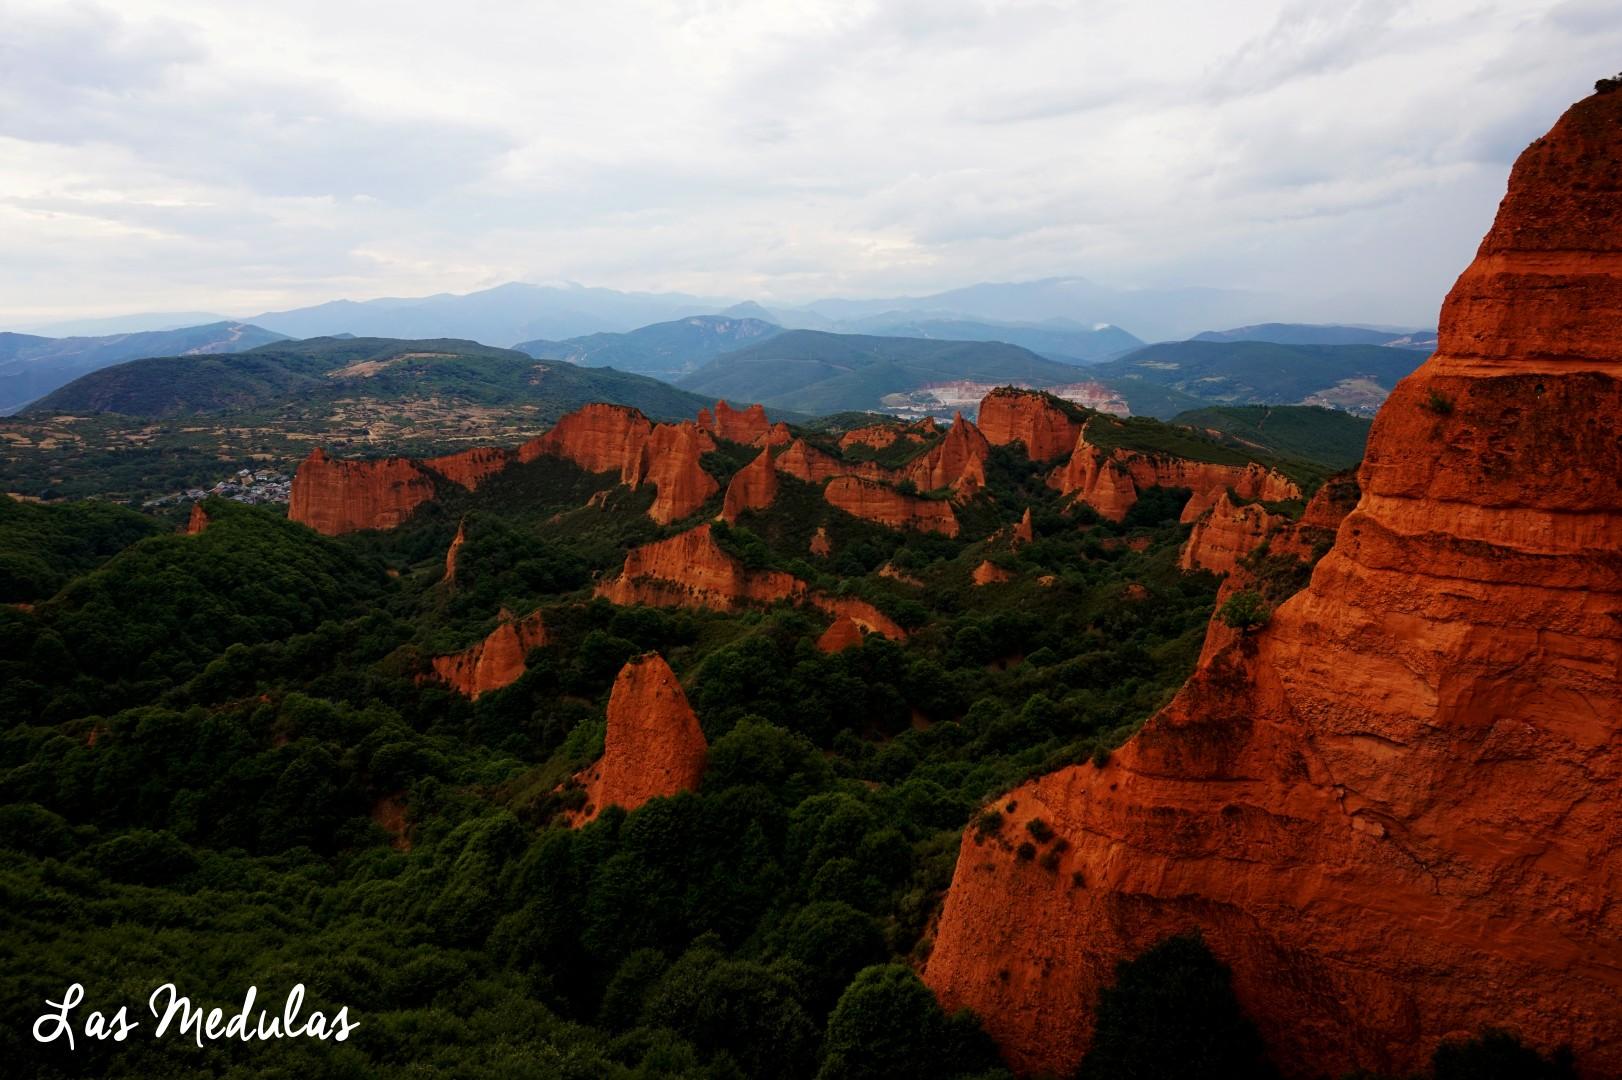 Sur les routes de Galice - Las Medulas